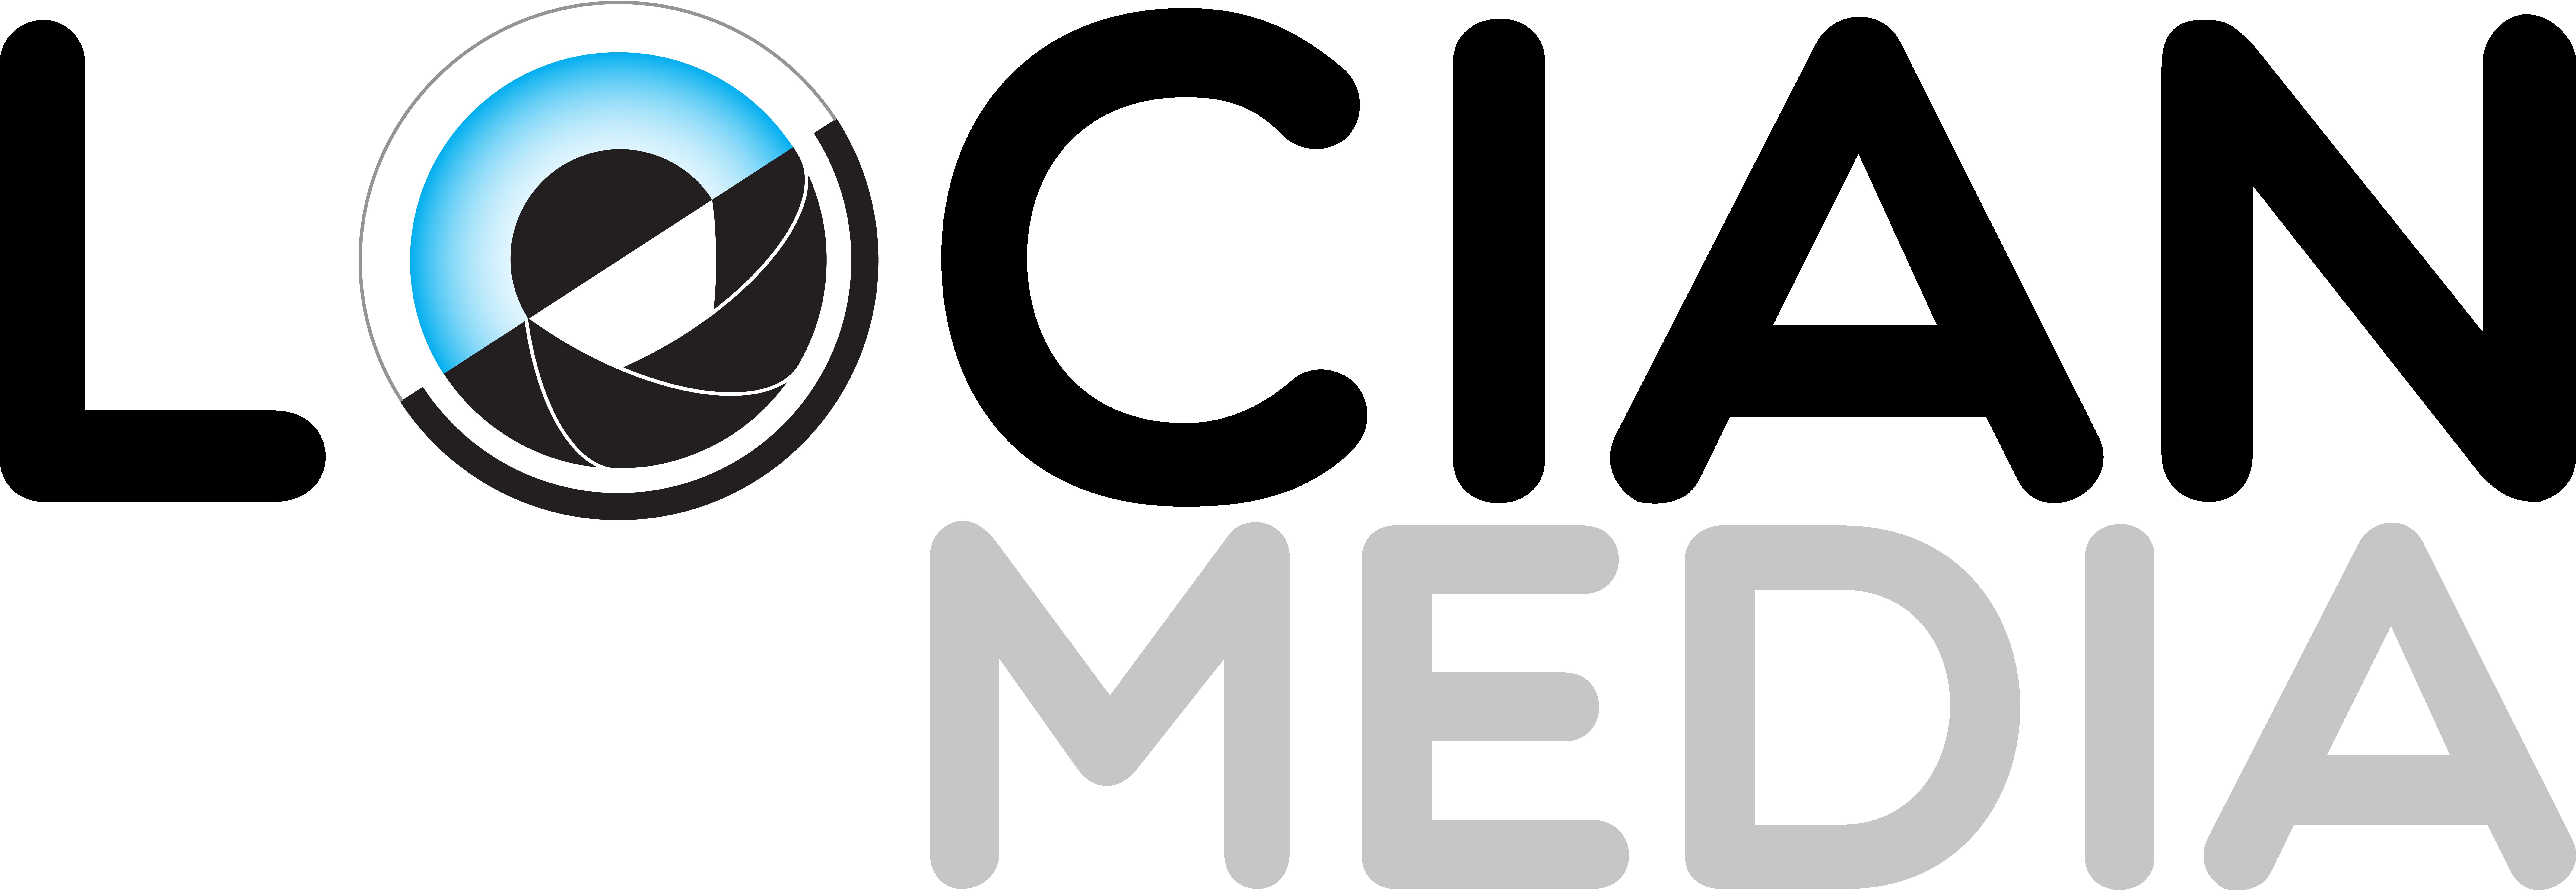 Locian Media